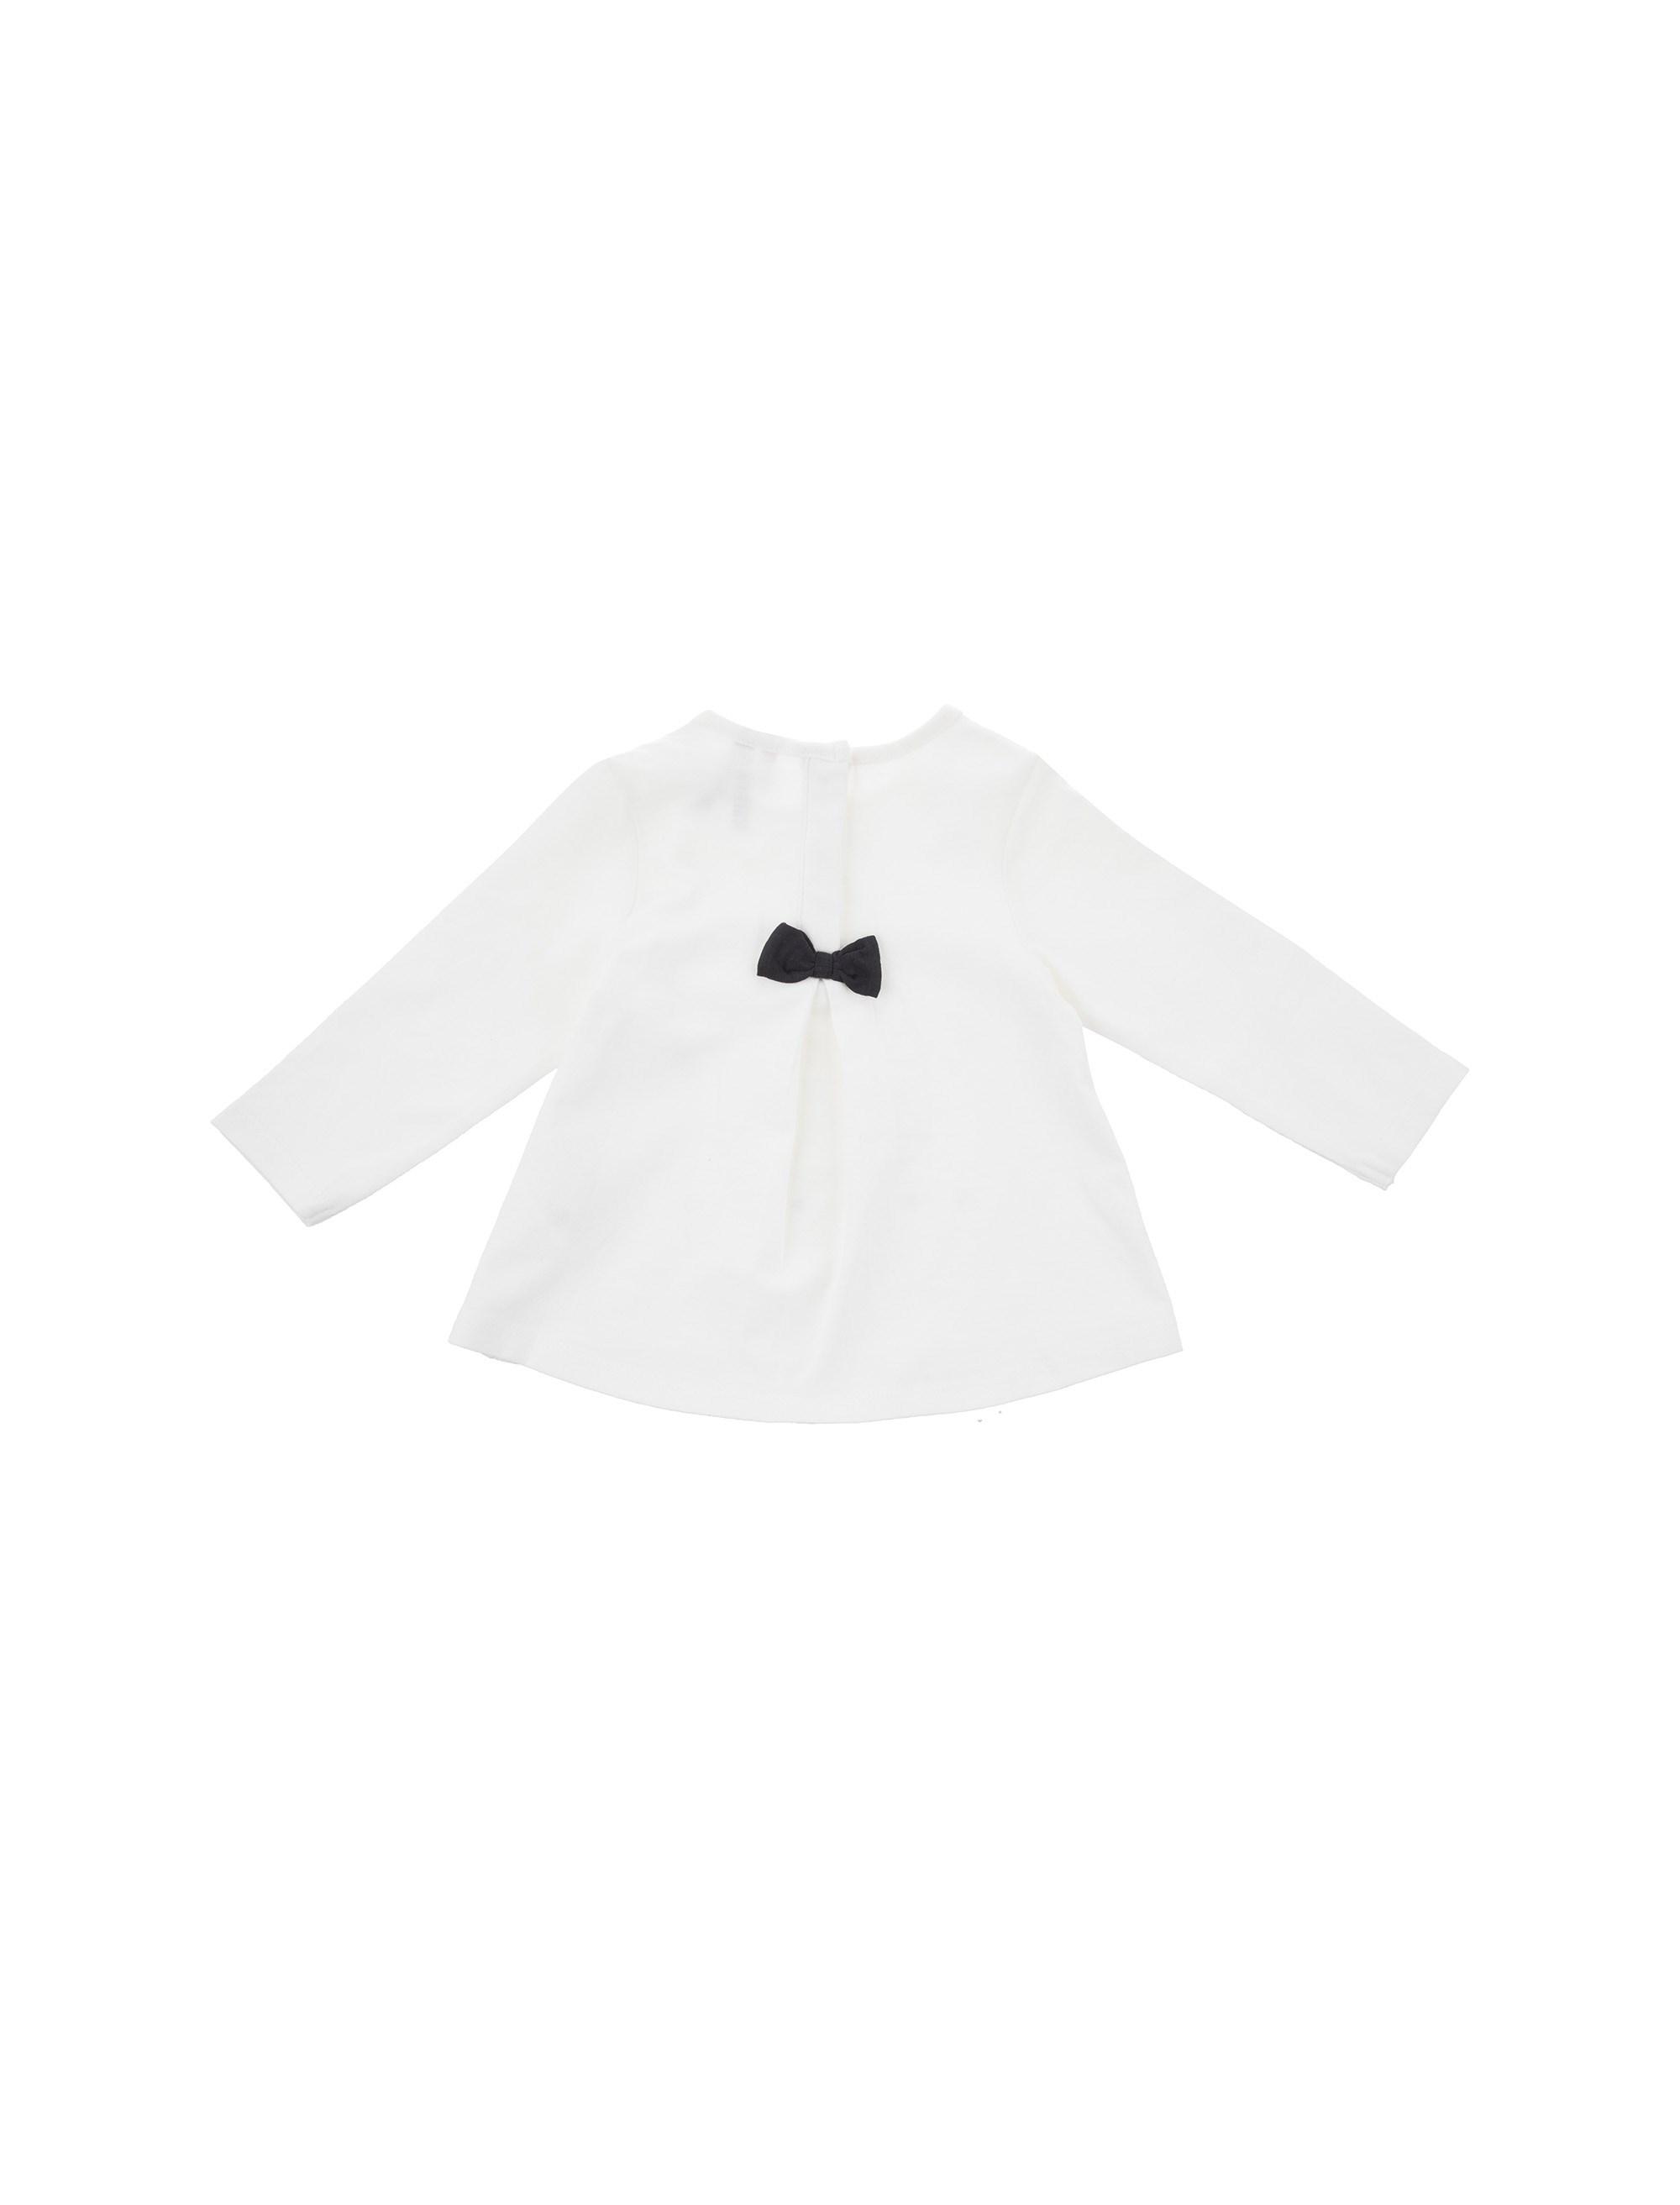 تی شرت نخی نوزادی دخترانه - ارکسترا - سفيد - 2